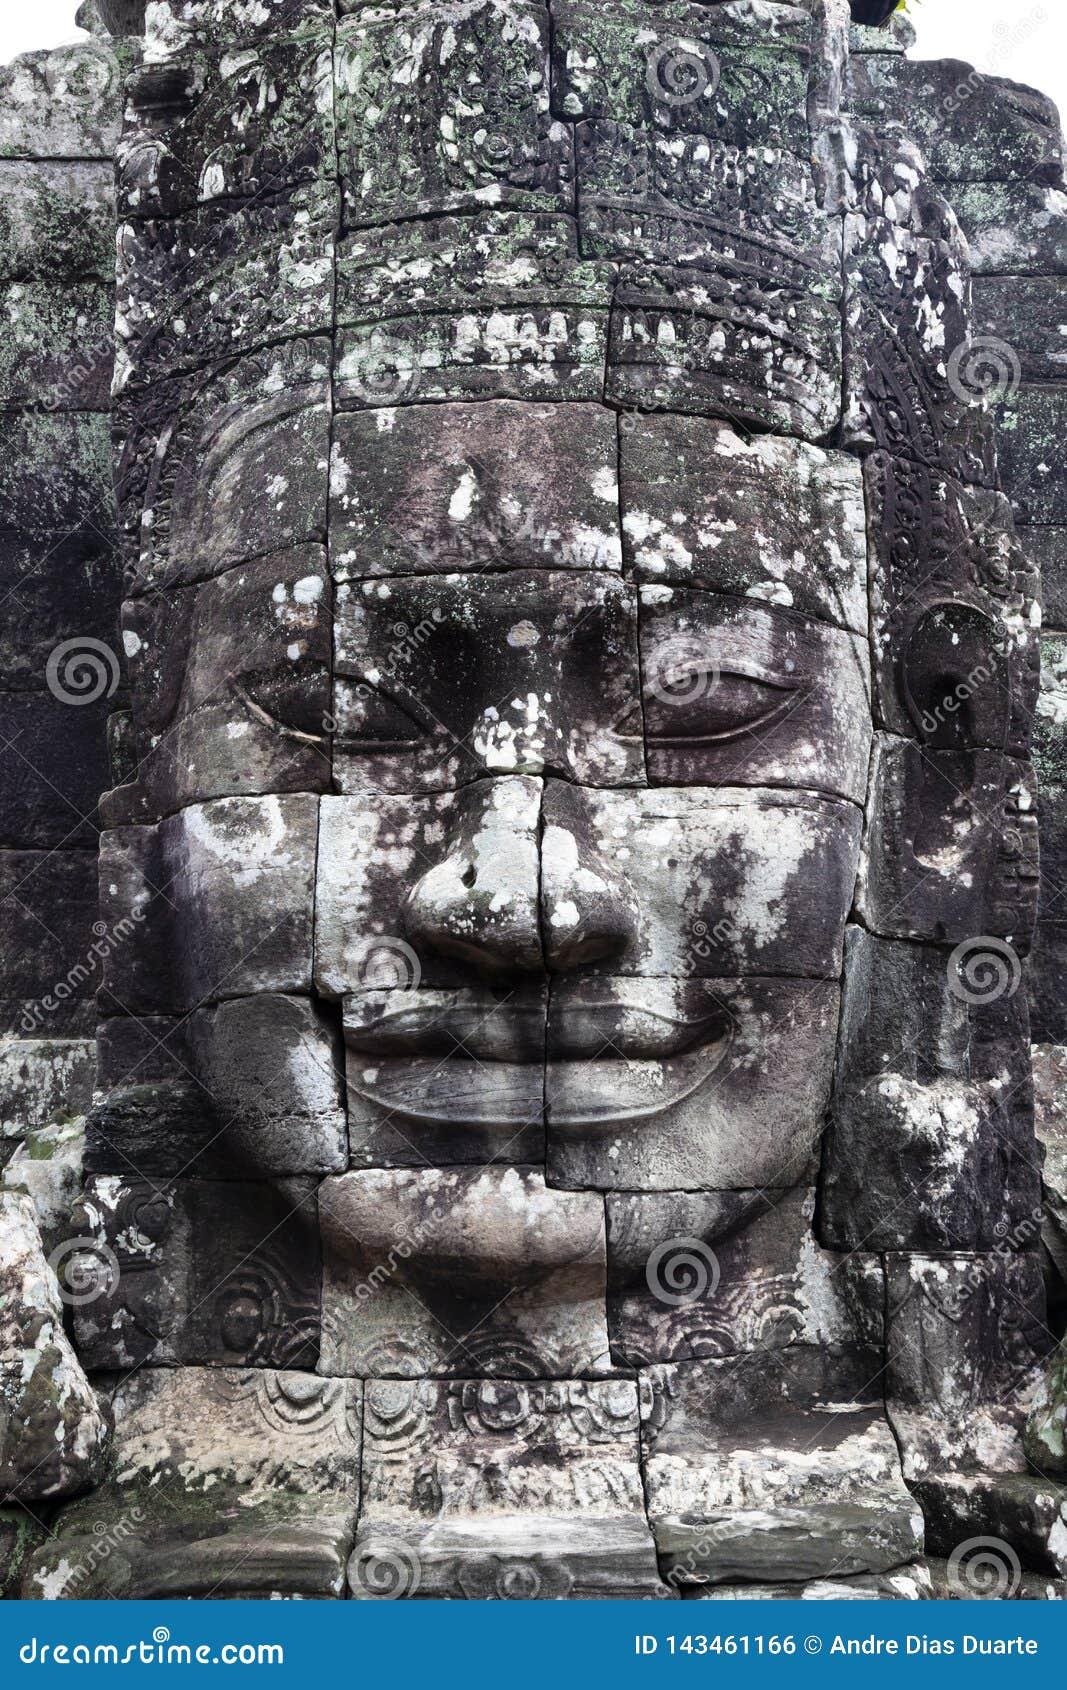 Stone face in Cambodia